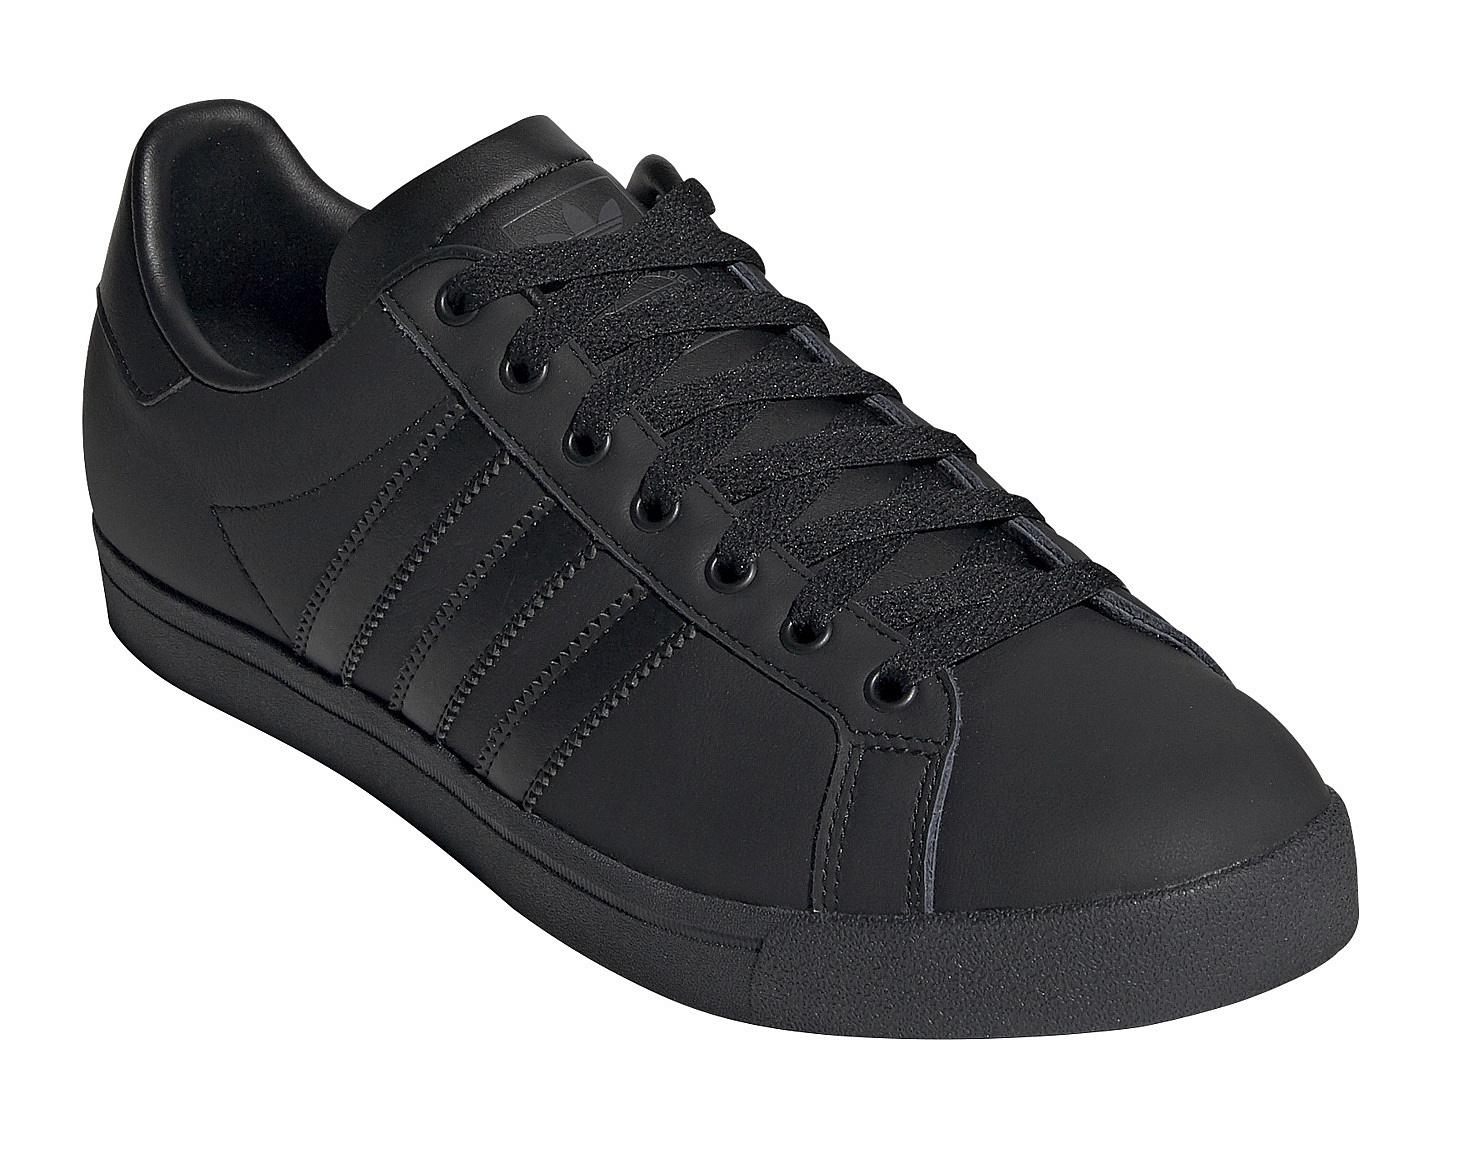 65ee9061e8c shoes adidas Originals Coast Star - Core Black Core Black Gray Six - men´s  - Snowboard shop